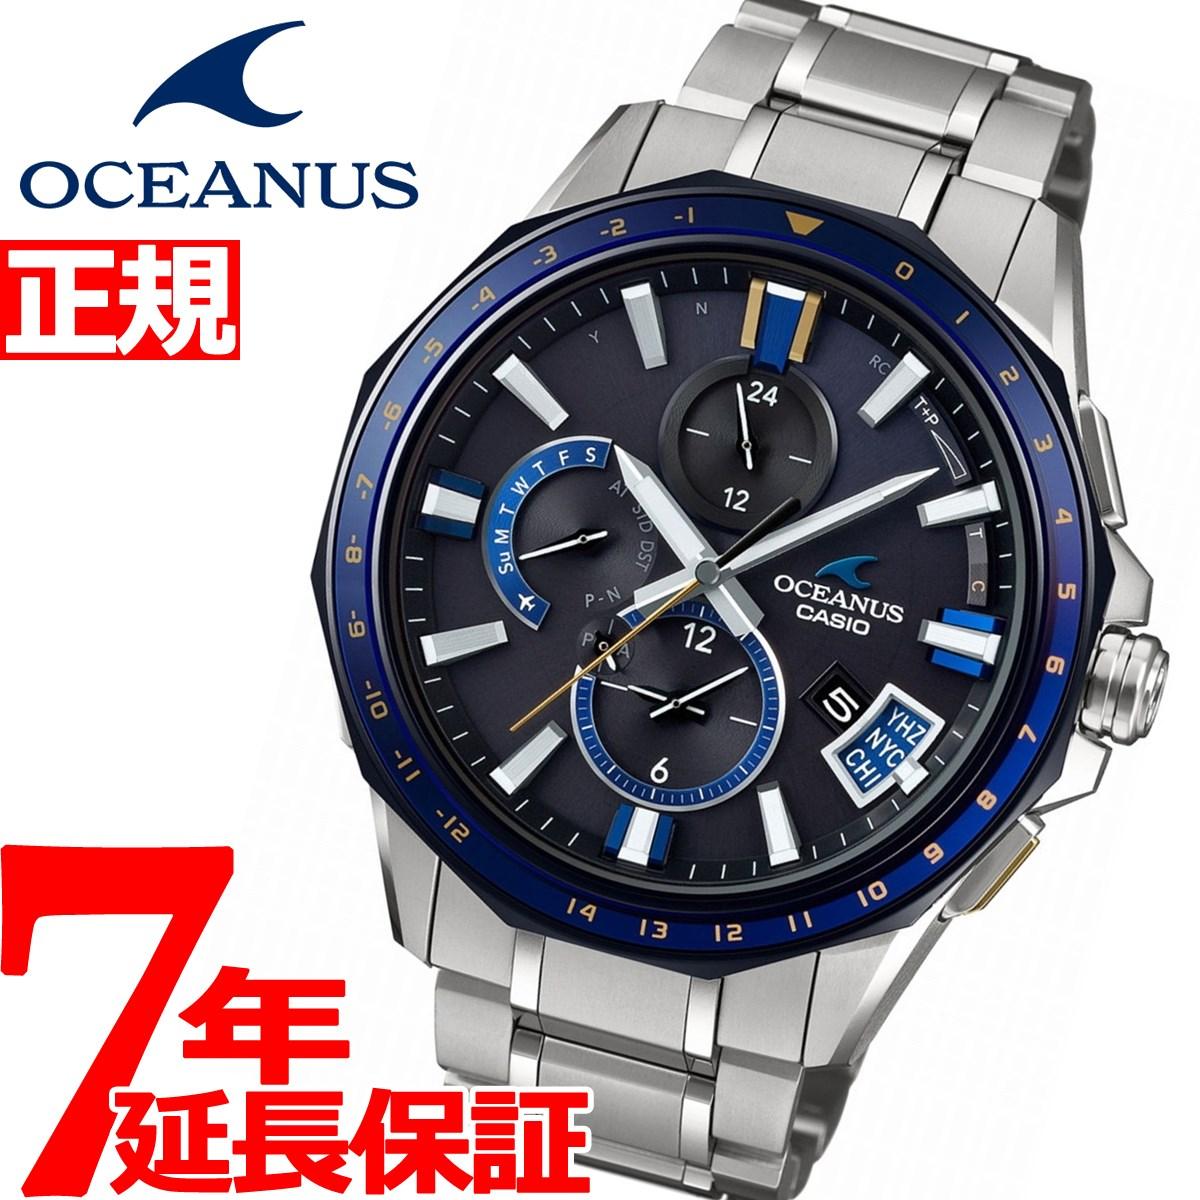 カシオ オシアナス CASIO OCEANUS Bluetooth搭載 GPS 電波 ソーラー 電波時計 腕時計 メンズ タフソーラー OCW-G2000G-1AJF【2017 新作】